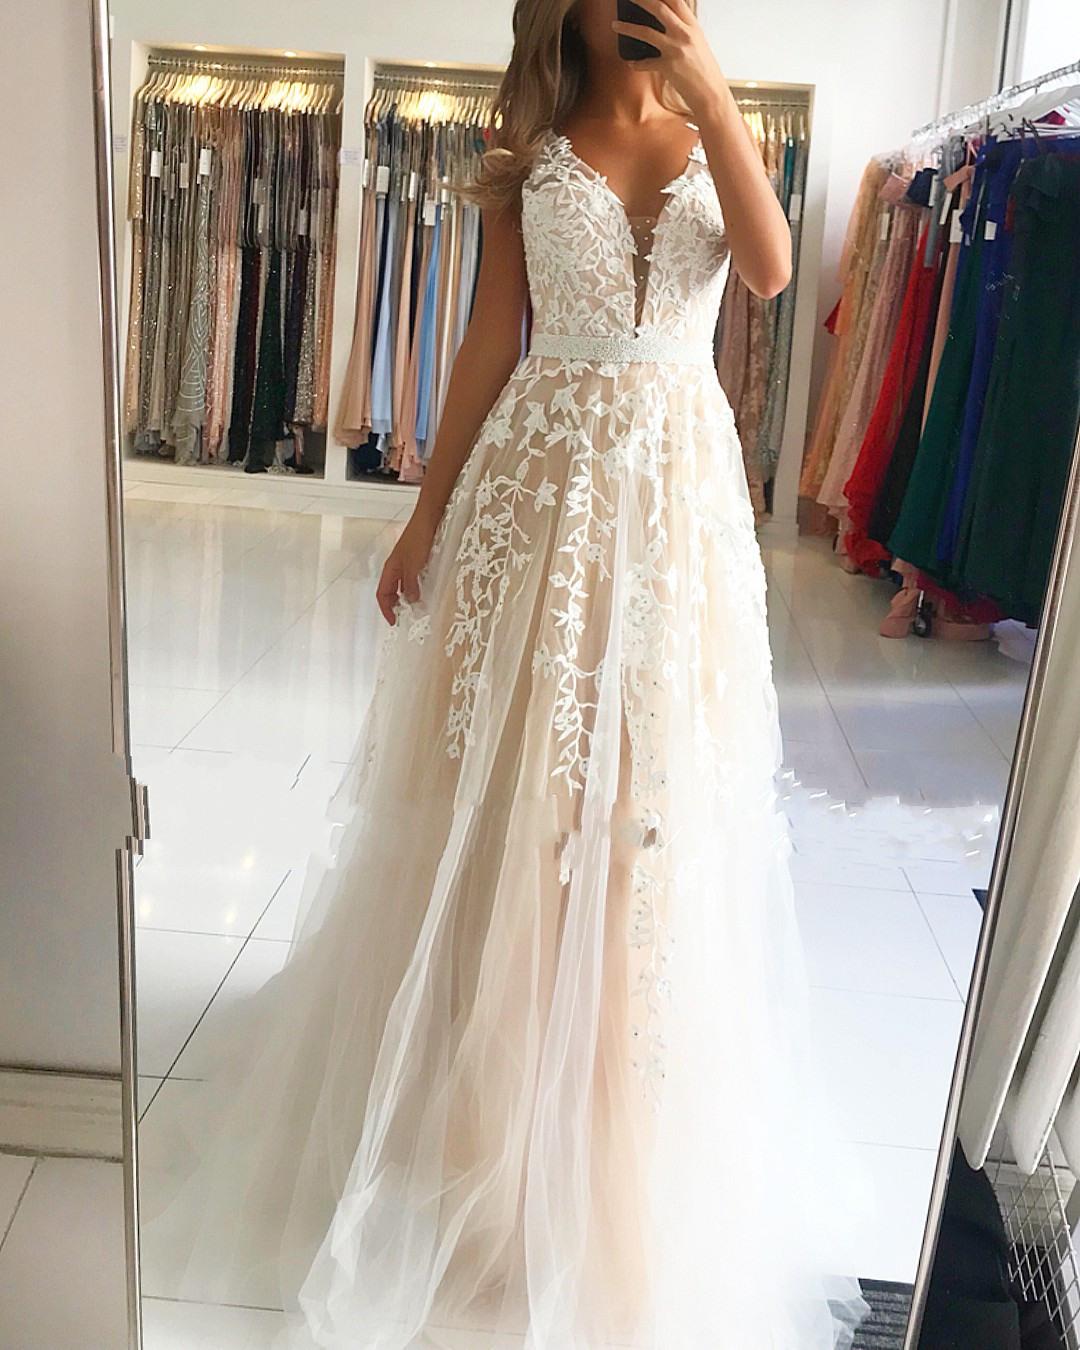 13 Schön Abendkleider In Weiß BoutiqueAbend Einfach Abendkleider In Weiß Design